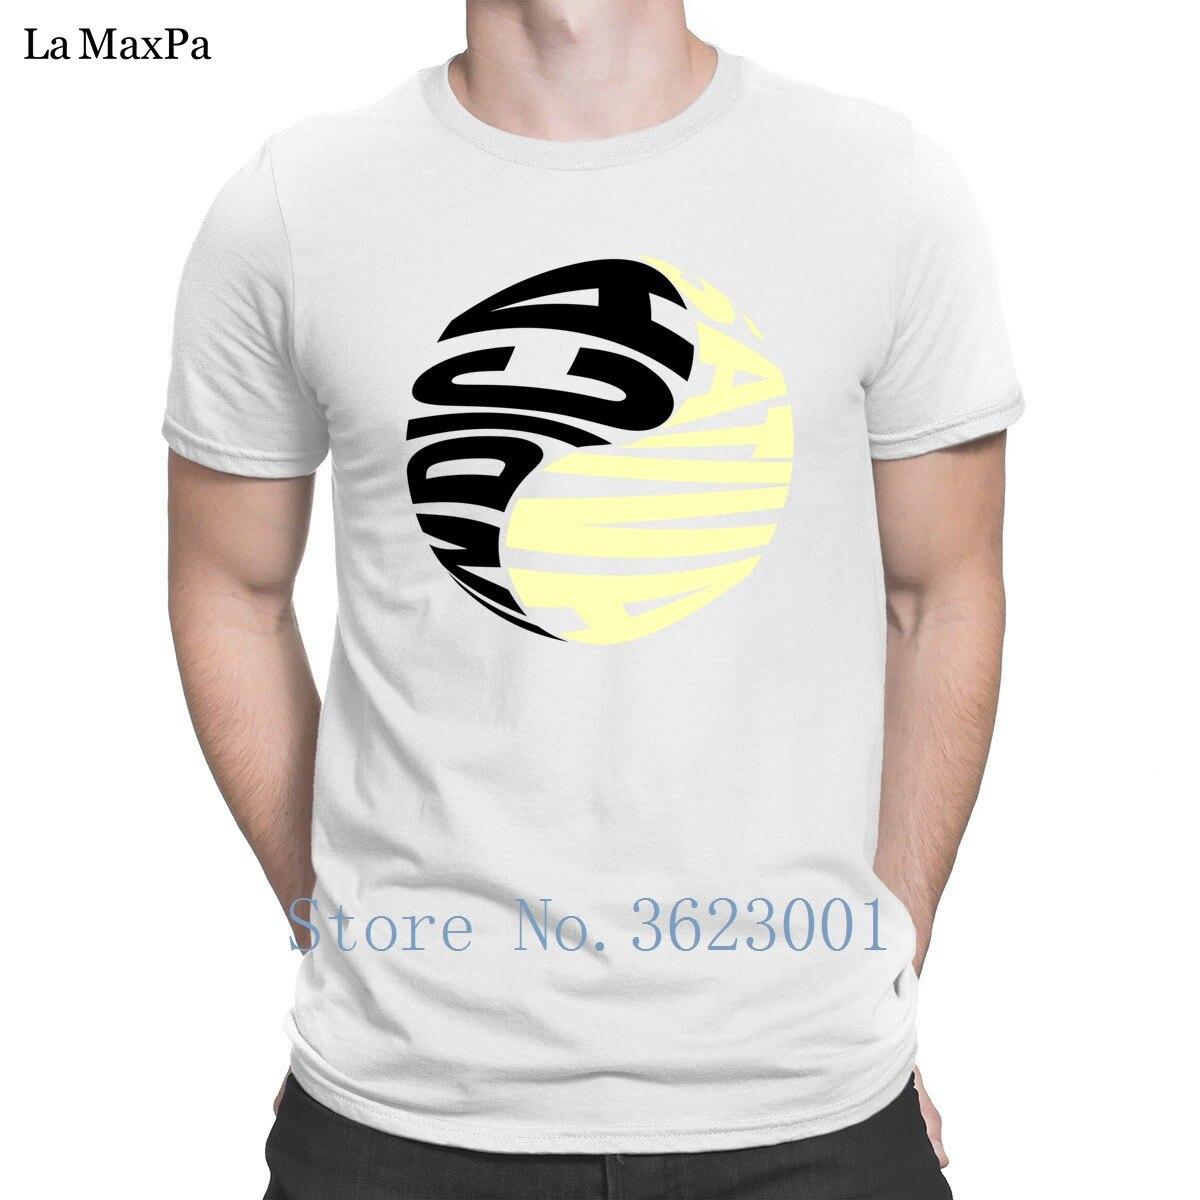 Personalidade T-Shirt Básica Indica Sativa Ying E Yang Tee Camiseta Tops Tamanho Euro T Camisa Masculina Camisa Dos Homens T Marca Fotos